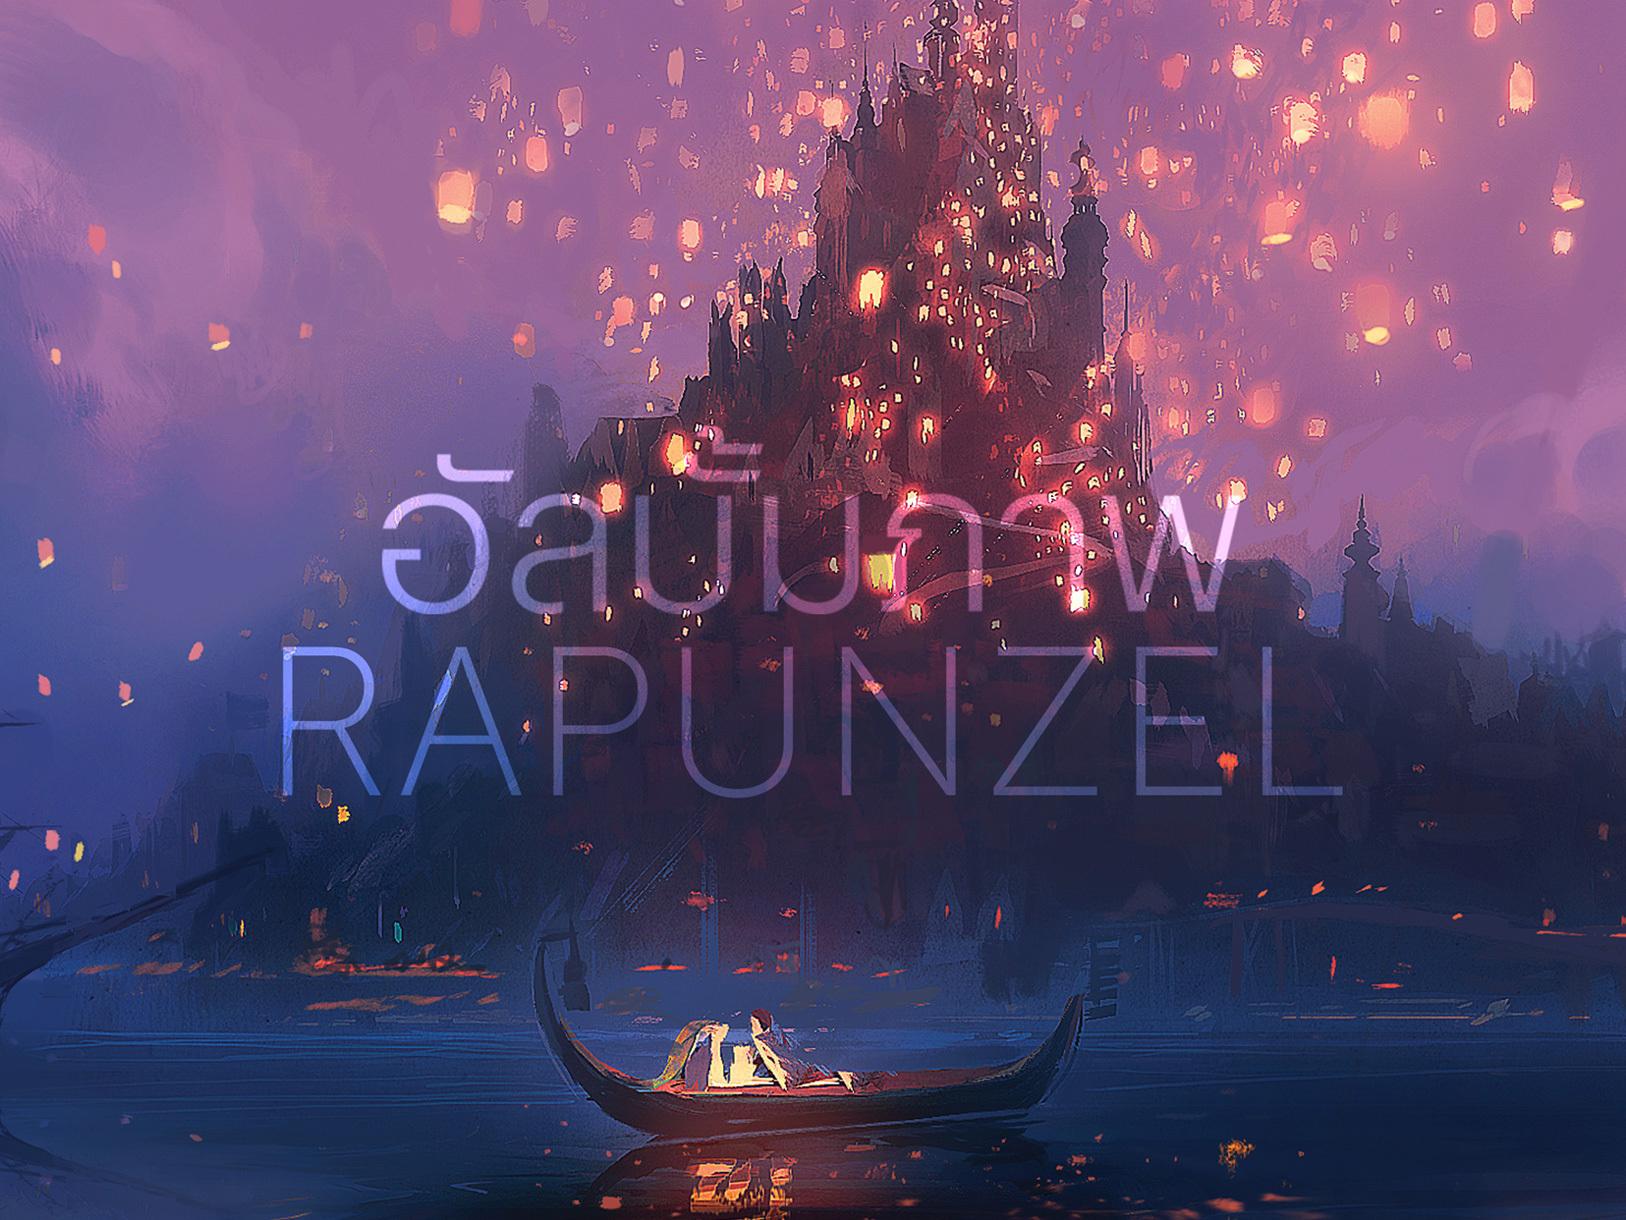 อัลบั้มภาพเจ้าหญิง Rapunzel